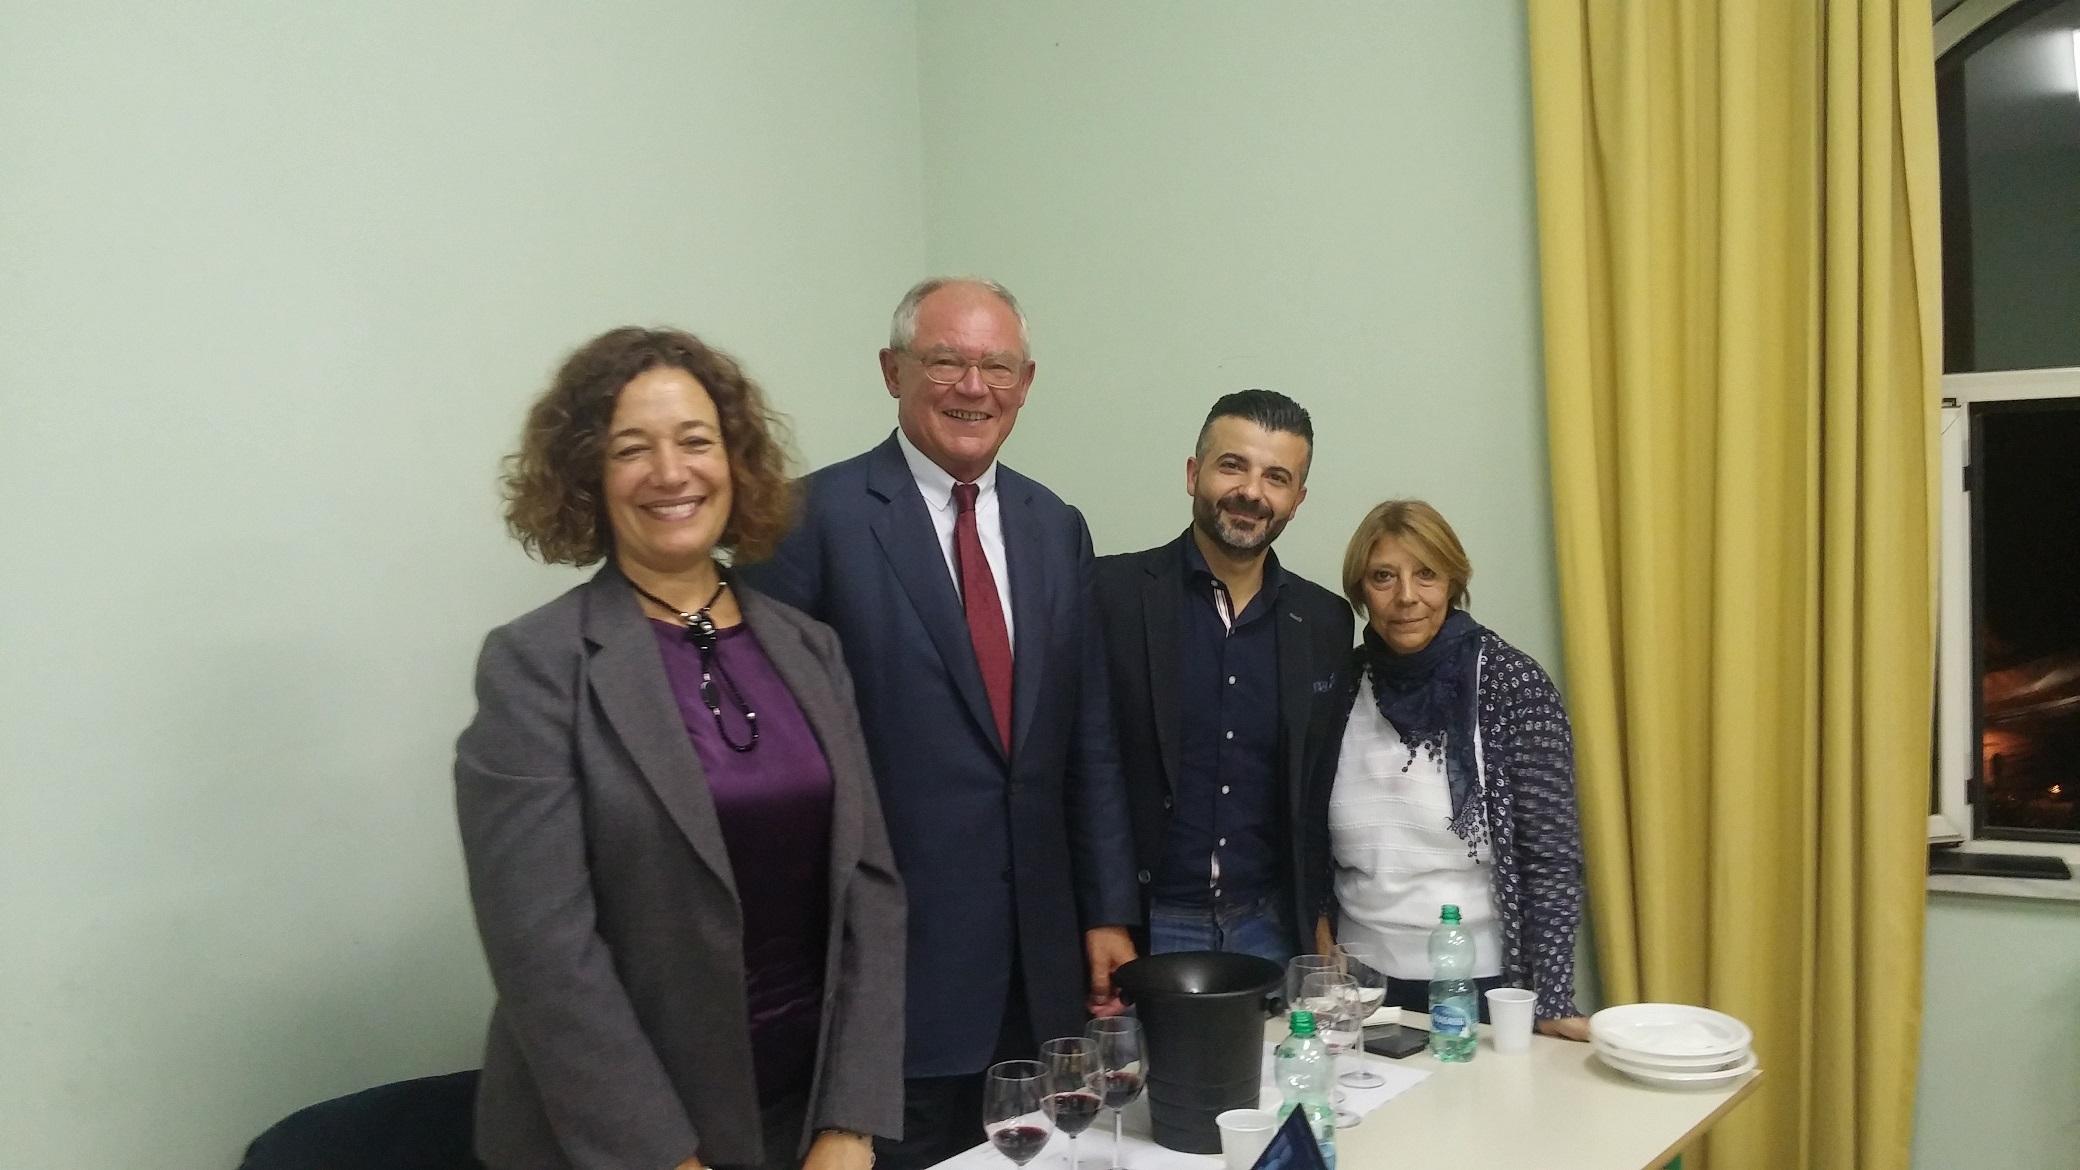 http://ideeinfermento.it/wp/wp-content/uploads/2017/05/Tutti-giù-in-cantina-Paula-Pacheco-Anton-Borner-Giovanni-Lai-e-Francesca-Cecchini-direttrice-del-CREA-di-Velletri.jpg